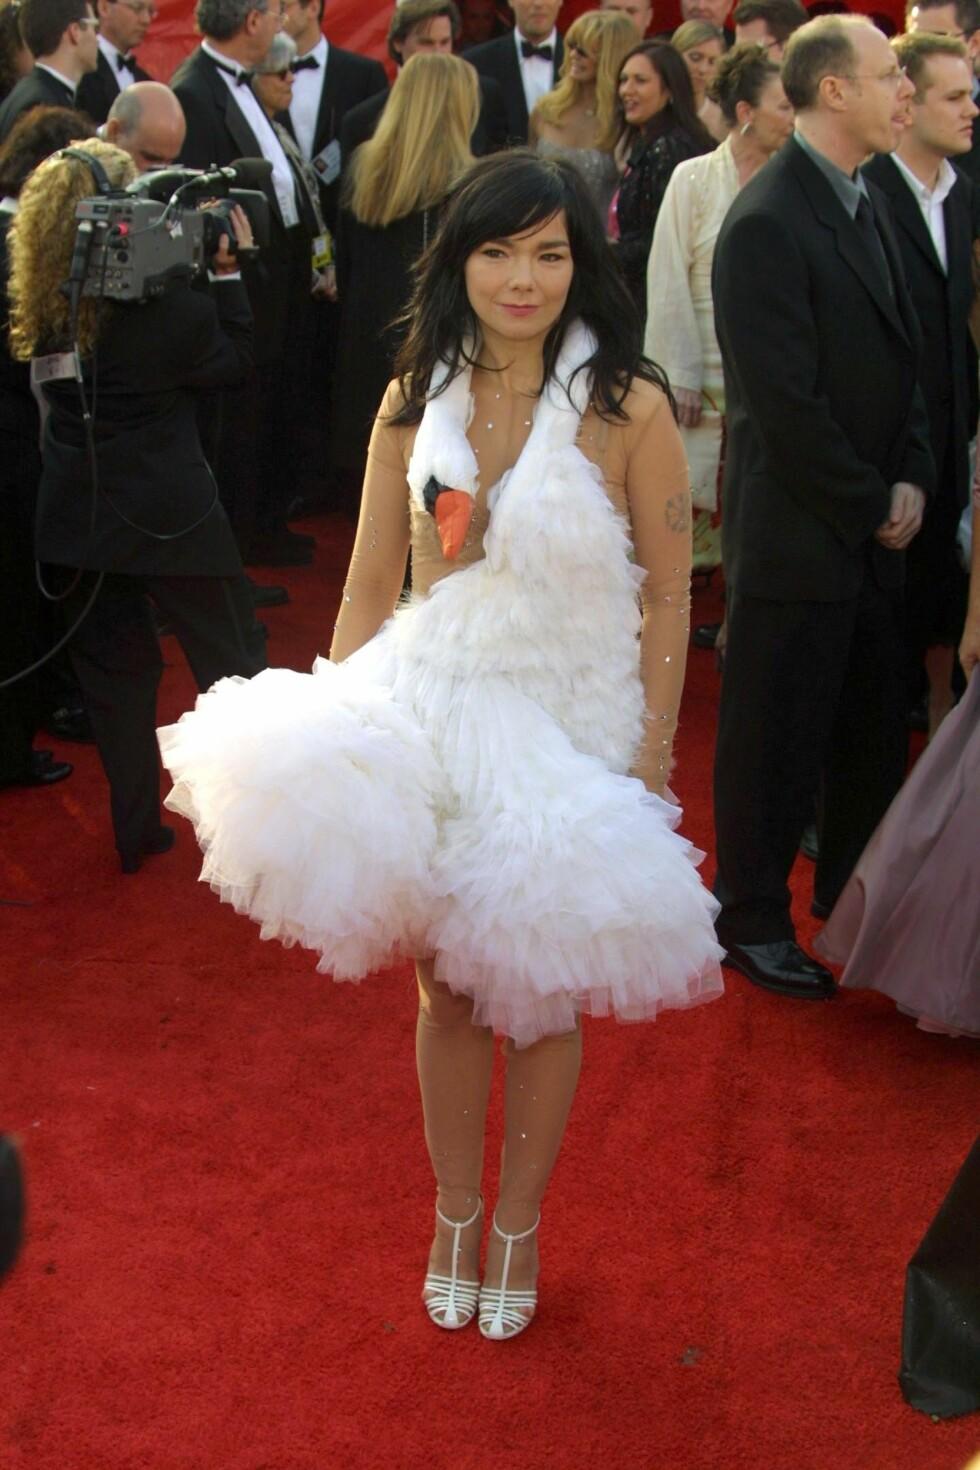 I 2001: Björks verdenskjente svanekjole, som hun kombinerte med en litt for stor, Britney-aktig bodysuit, er fortsatt blant tidenes mest minneverdige Oscar-kjoler.  Foto: REX/All Over Press